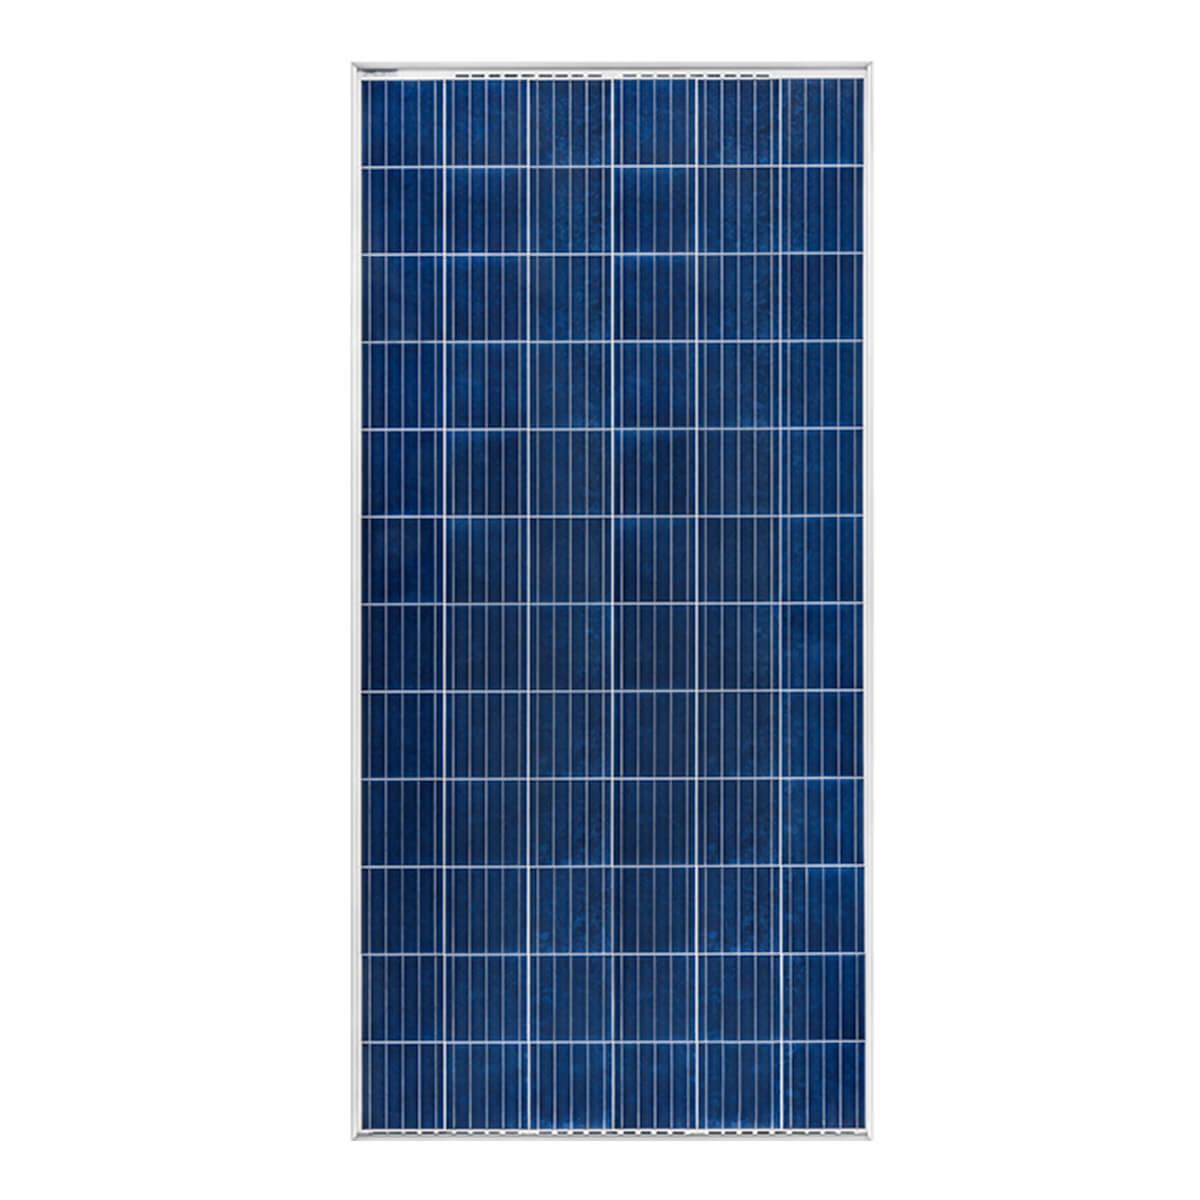 plurawatt 330W panel, plurawatt 330Watt panel, plurawatt 330 W panel, plurawatt 330 Watt panel, plurawatt 330 Watt polikristal panel, plurawatt 330 W watt gunes paneli, plurawatt 330 W watt polikristal gunes paneli, plurawatt 330 W Watt fotovoltaik polikristal solar panel, plurawatt 330W polikristal gunes enerjisi, plurawatt dc-72-330W panel, PLURAWATT 330 WATT